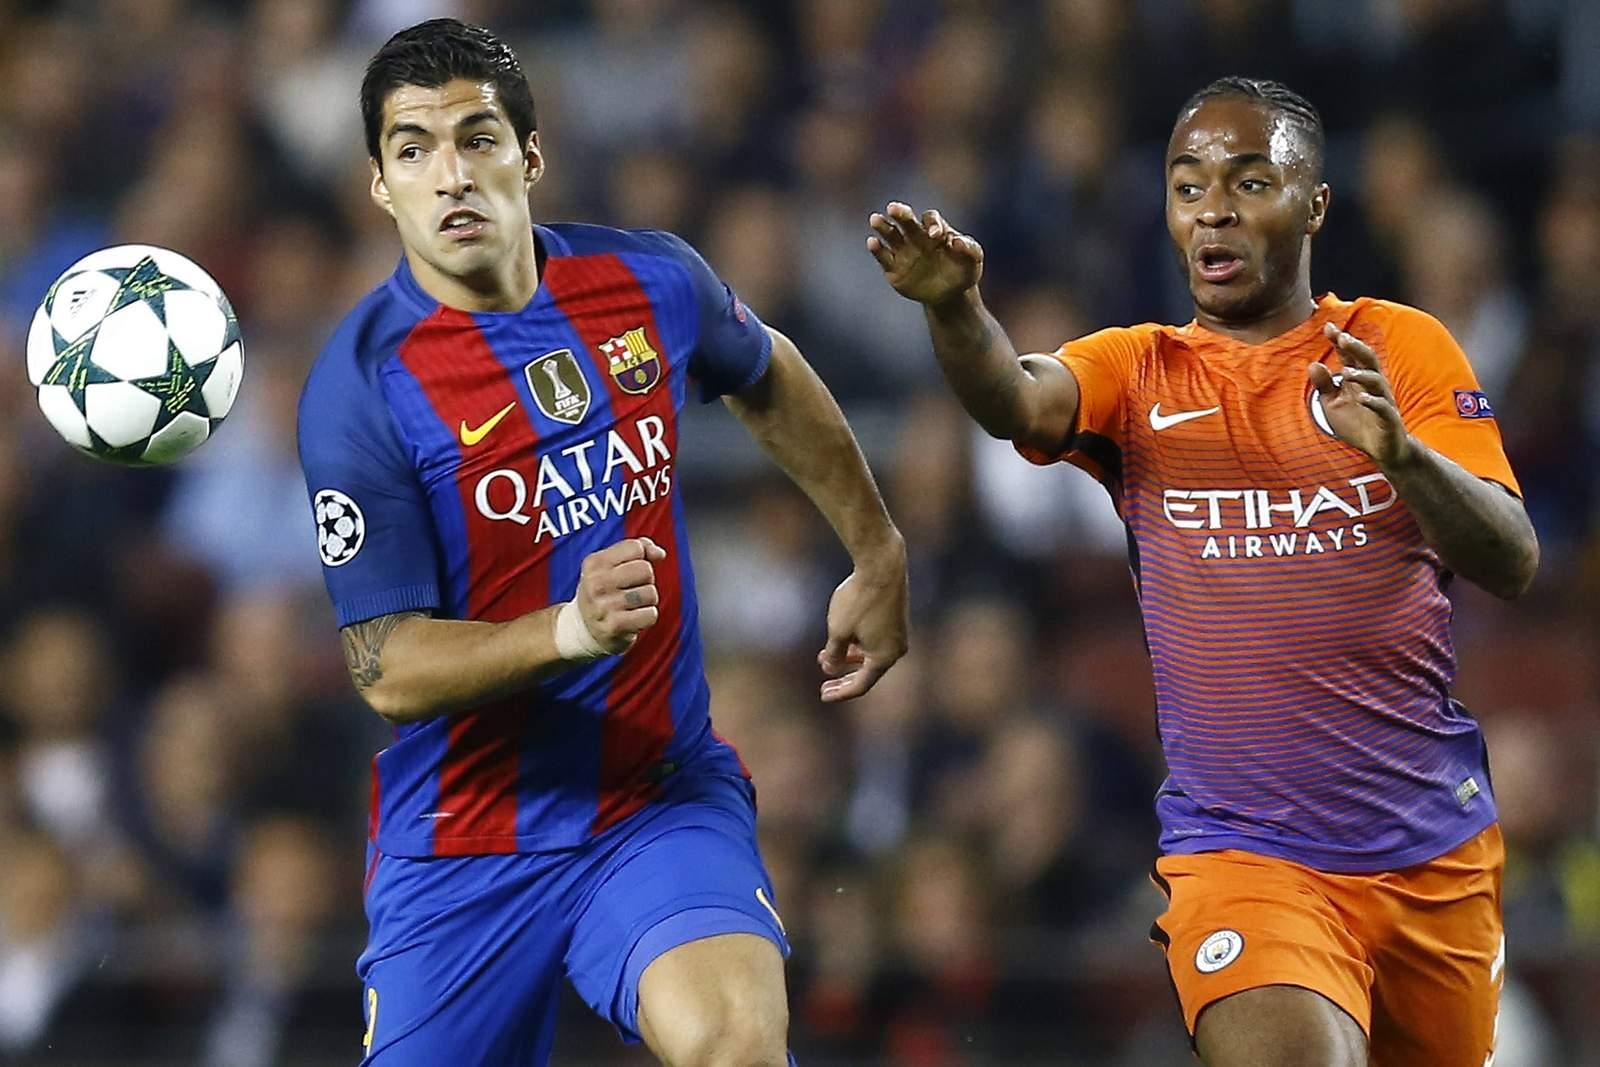 Setzt sich Suarez wieder gegen Sterling durch? Jetzt auf Man City gegen Barcelona wetten